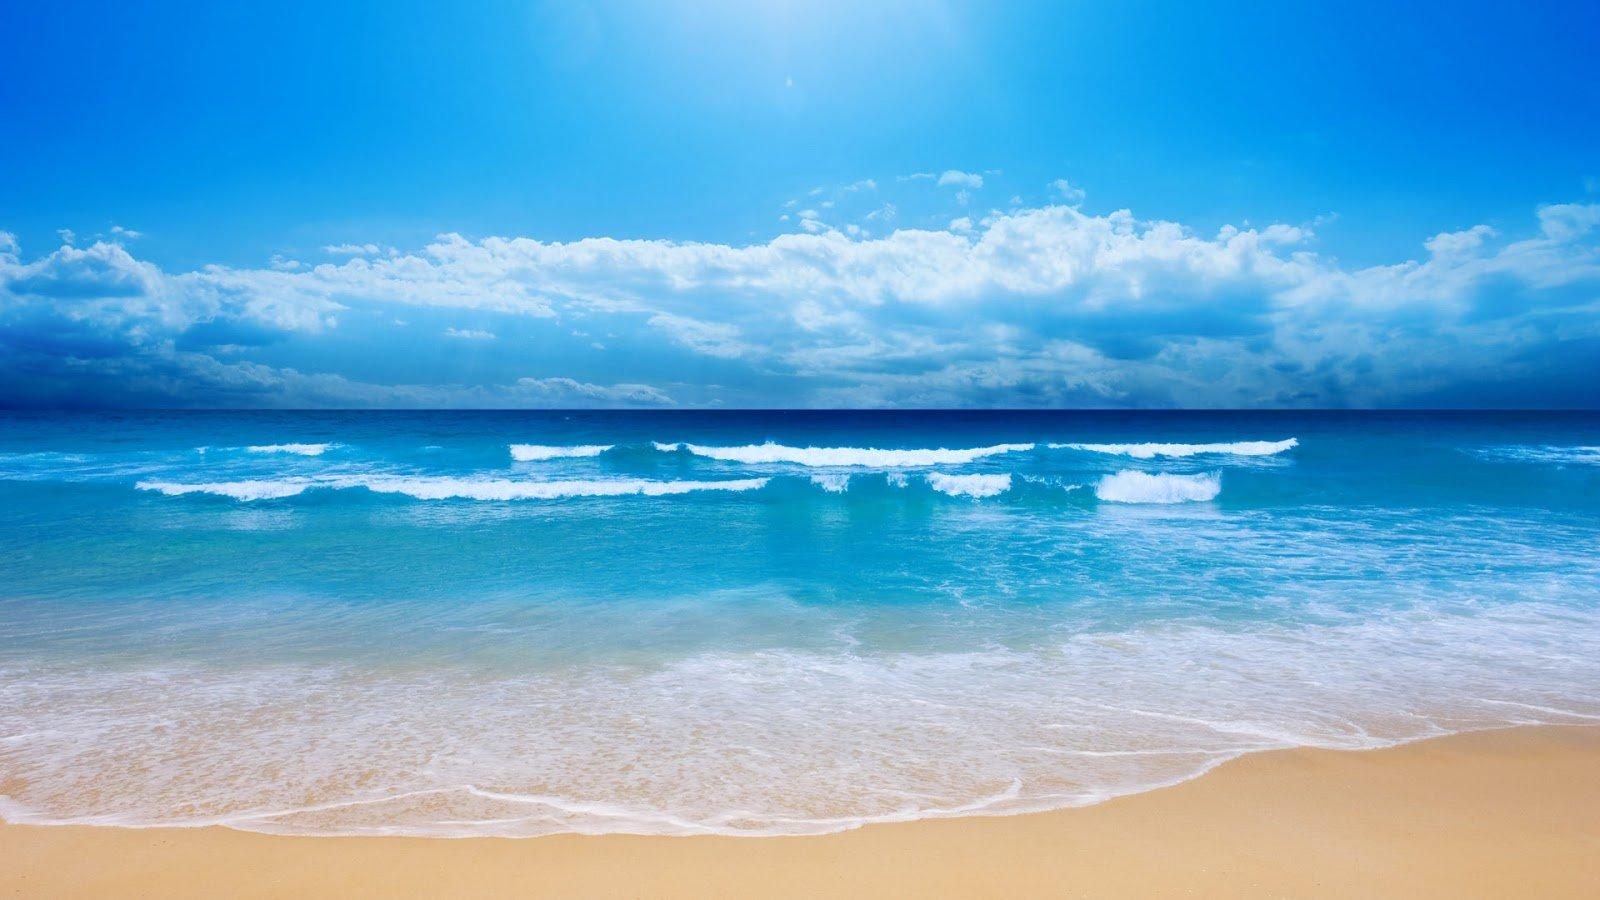 Ocean Waves Wallpaper s Powerful big waves in the blue ocean showing 1600x900